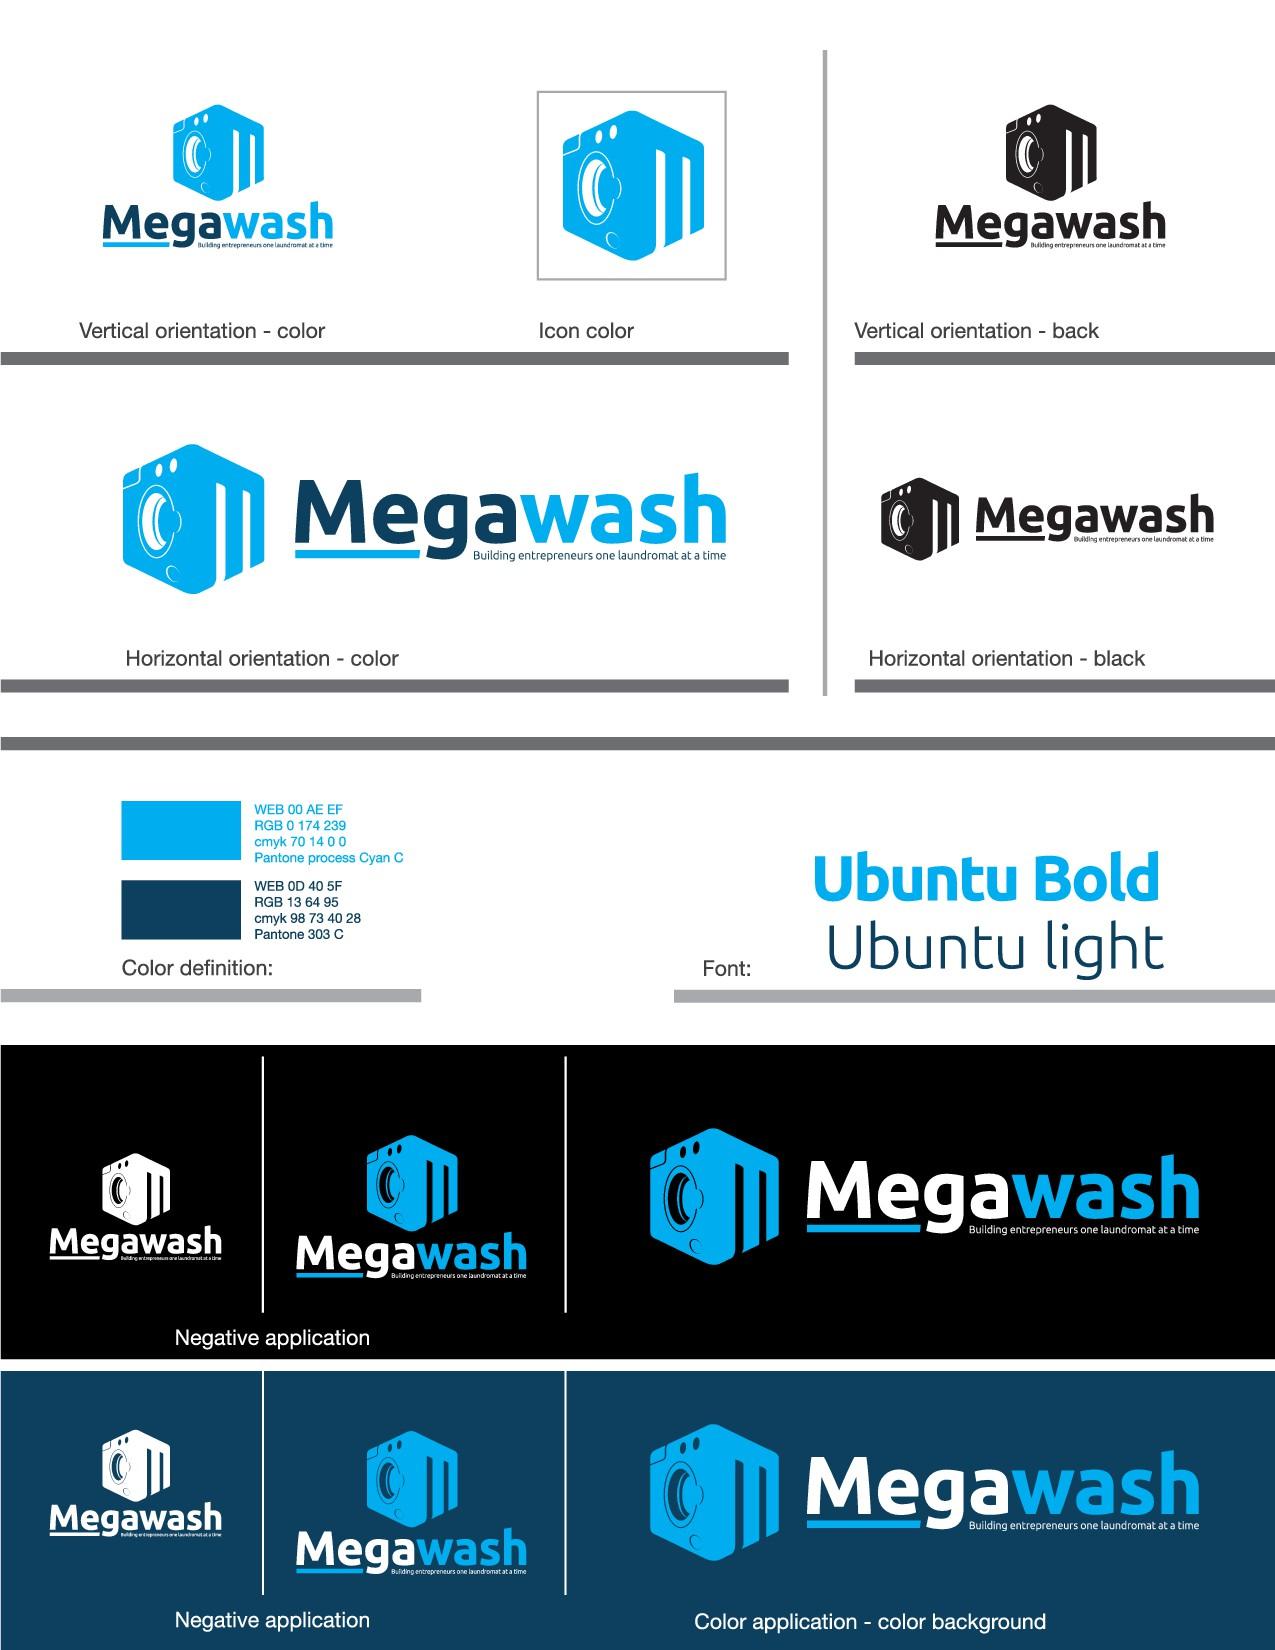 Megawash needs a powerful logo.